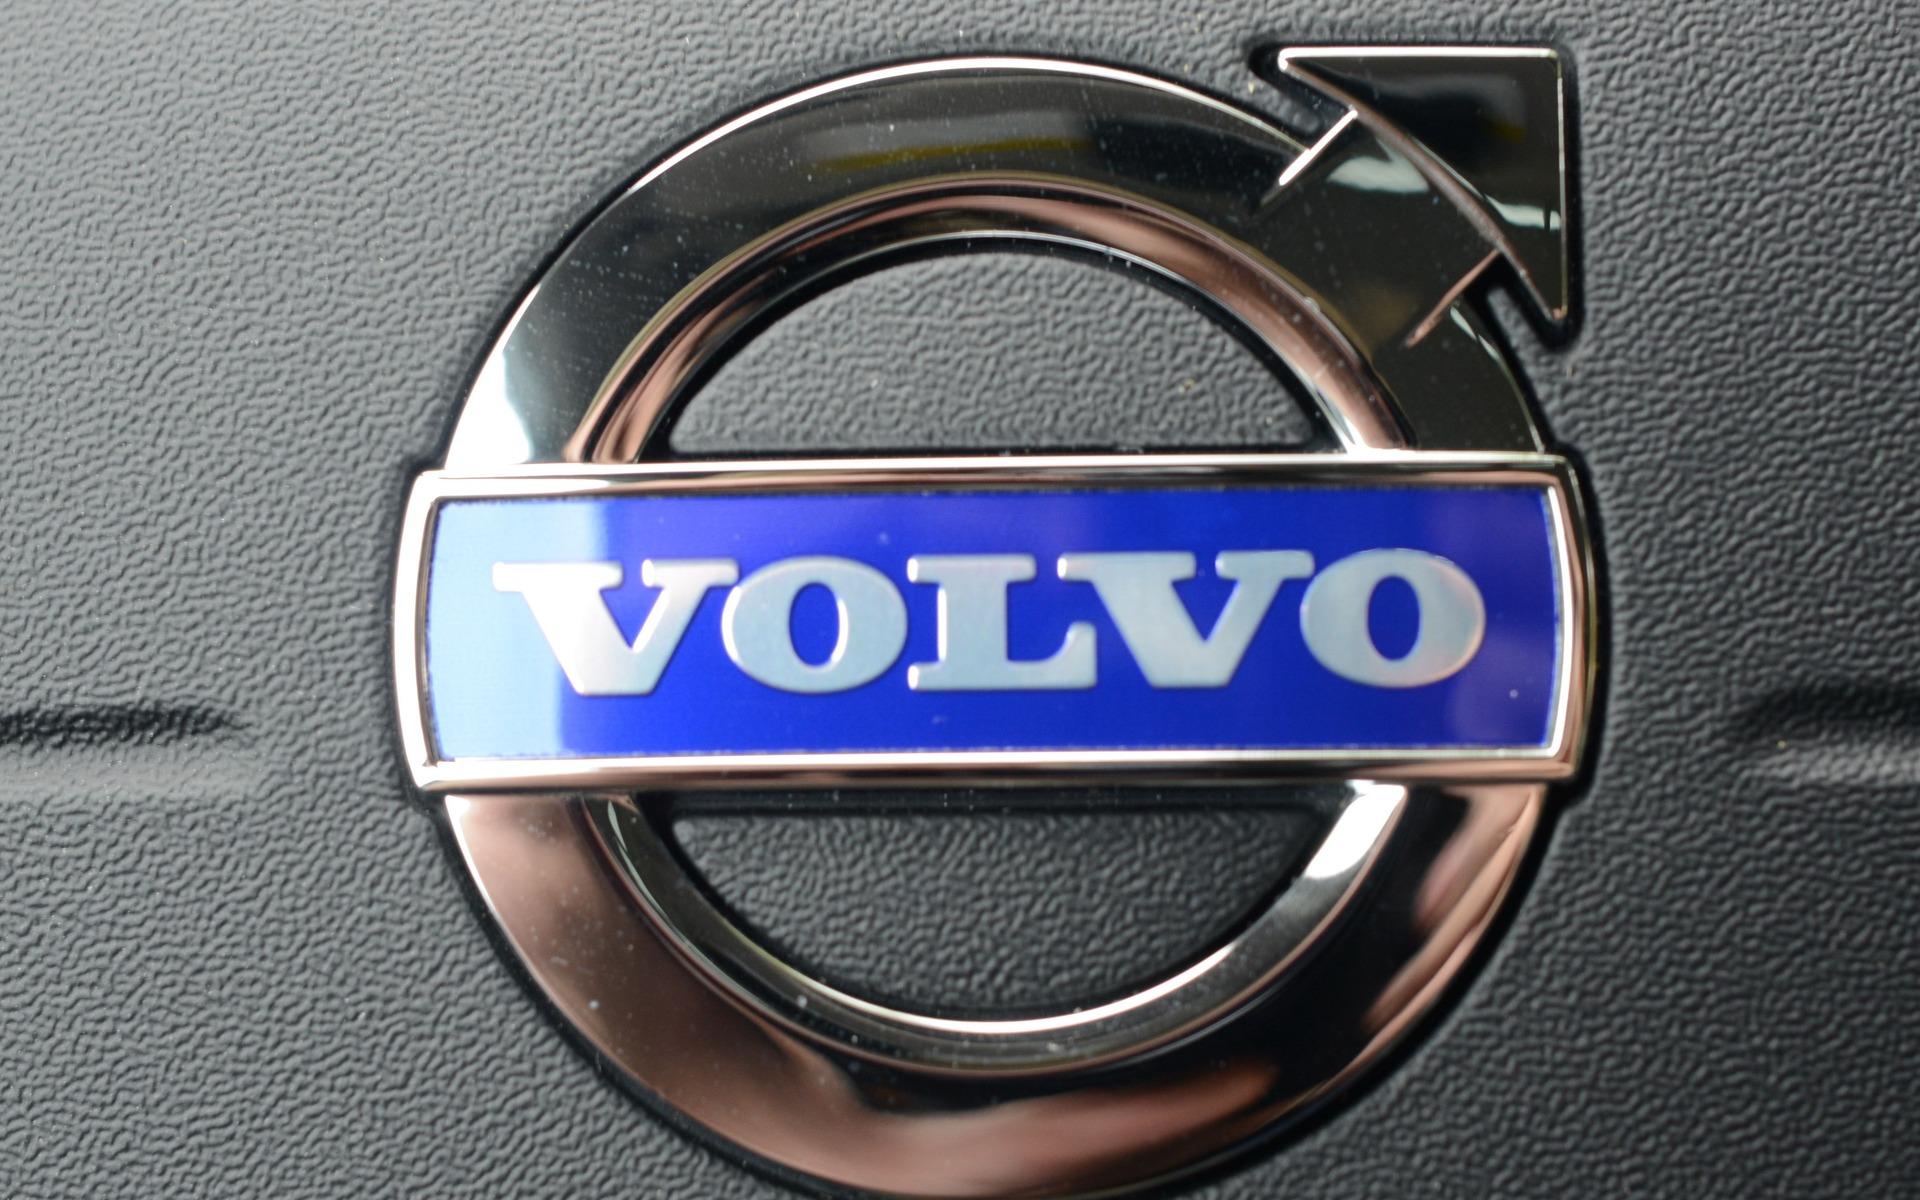 L'un des plus célèbres écussons de l'industrie automobile.